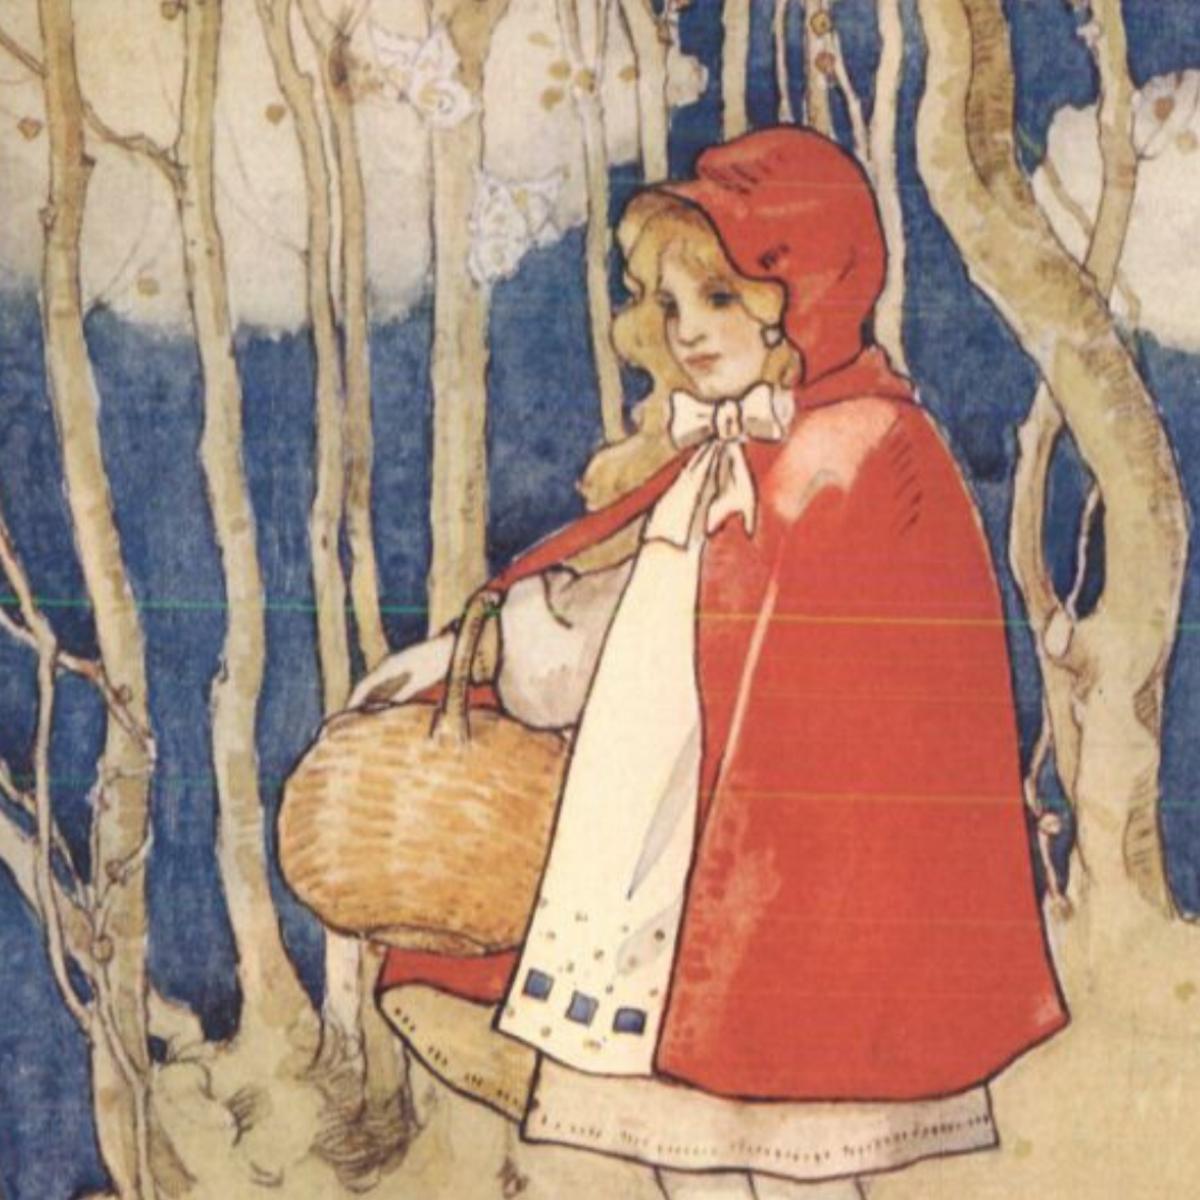 A vintage illustration of our heroine.